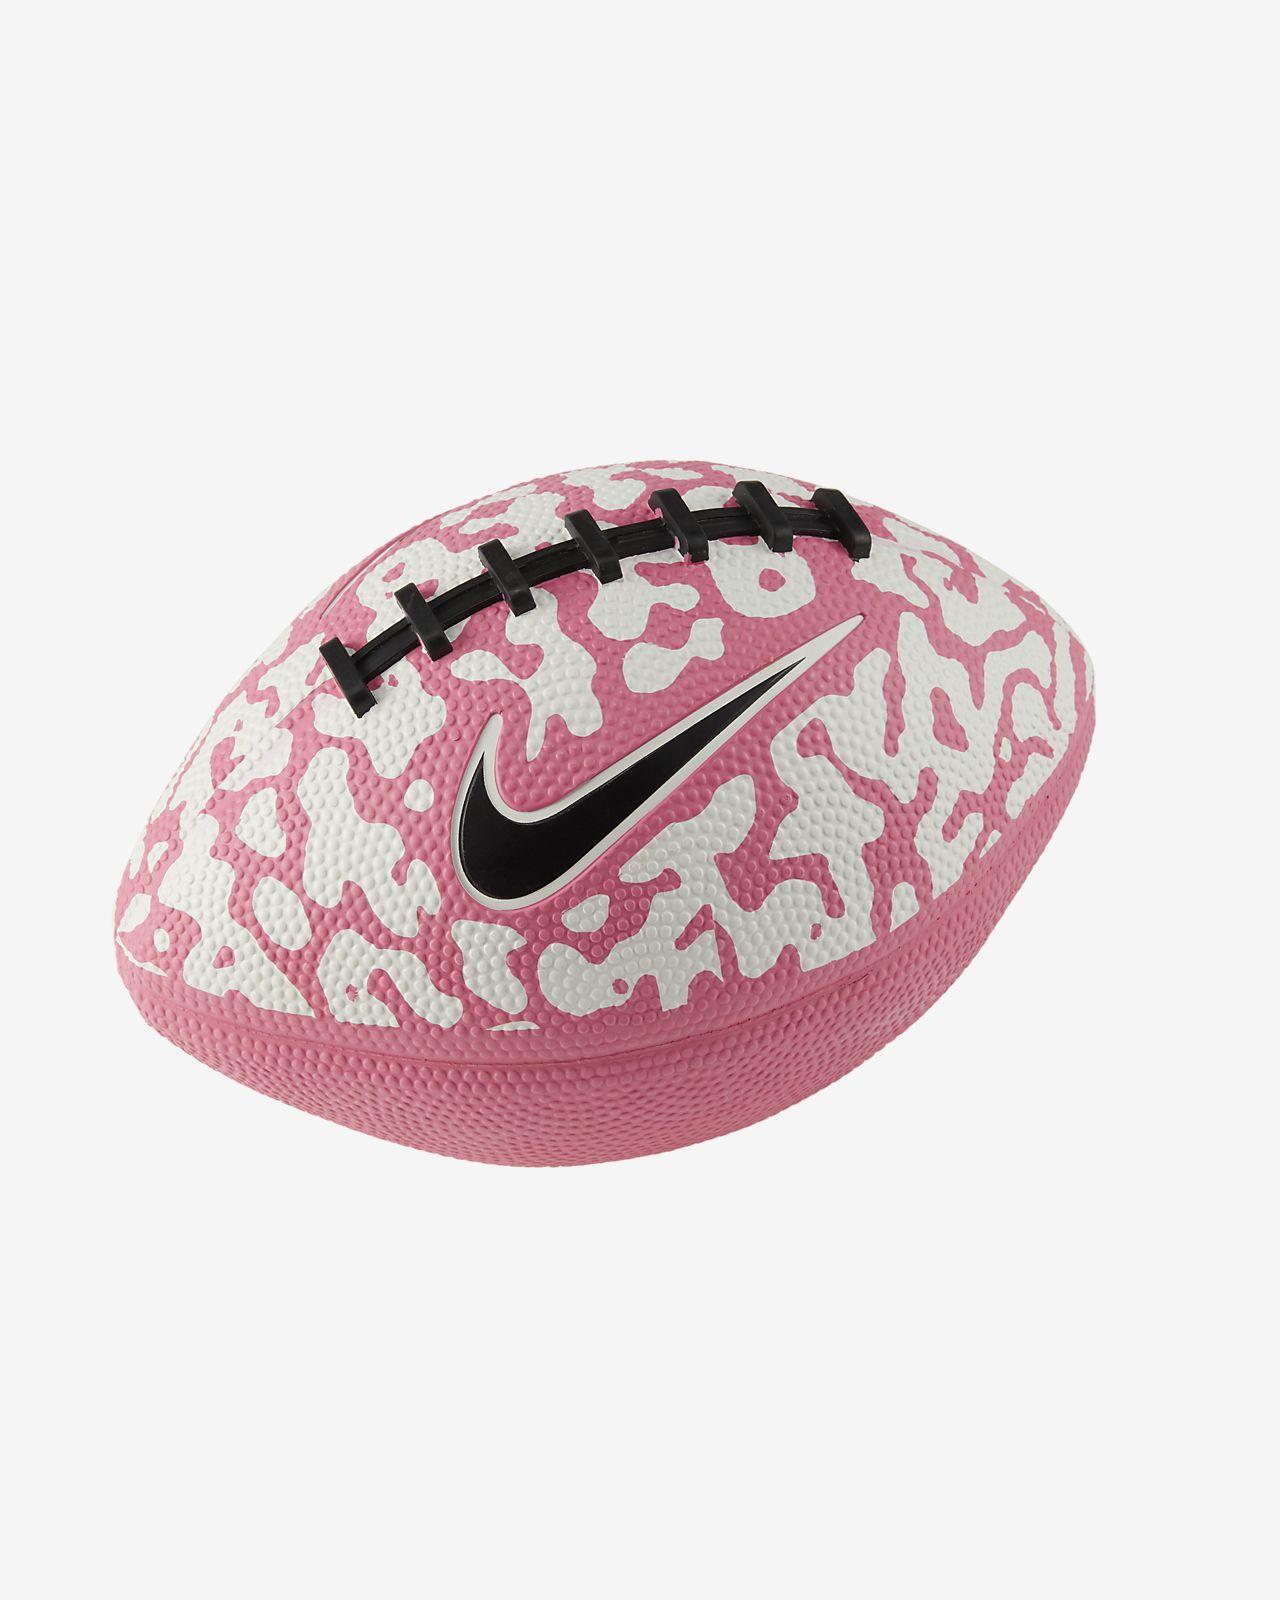 Nike Mini Spin 4.0 Football